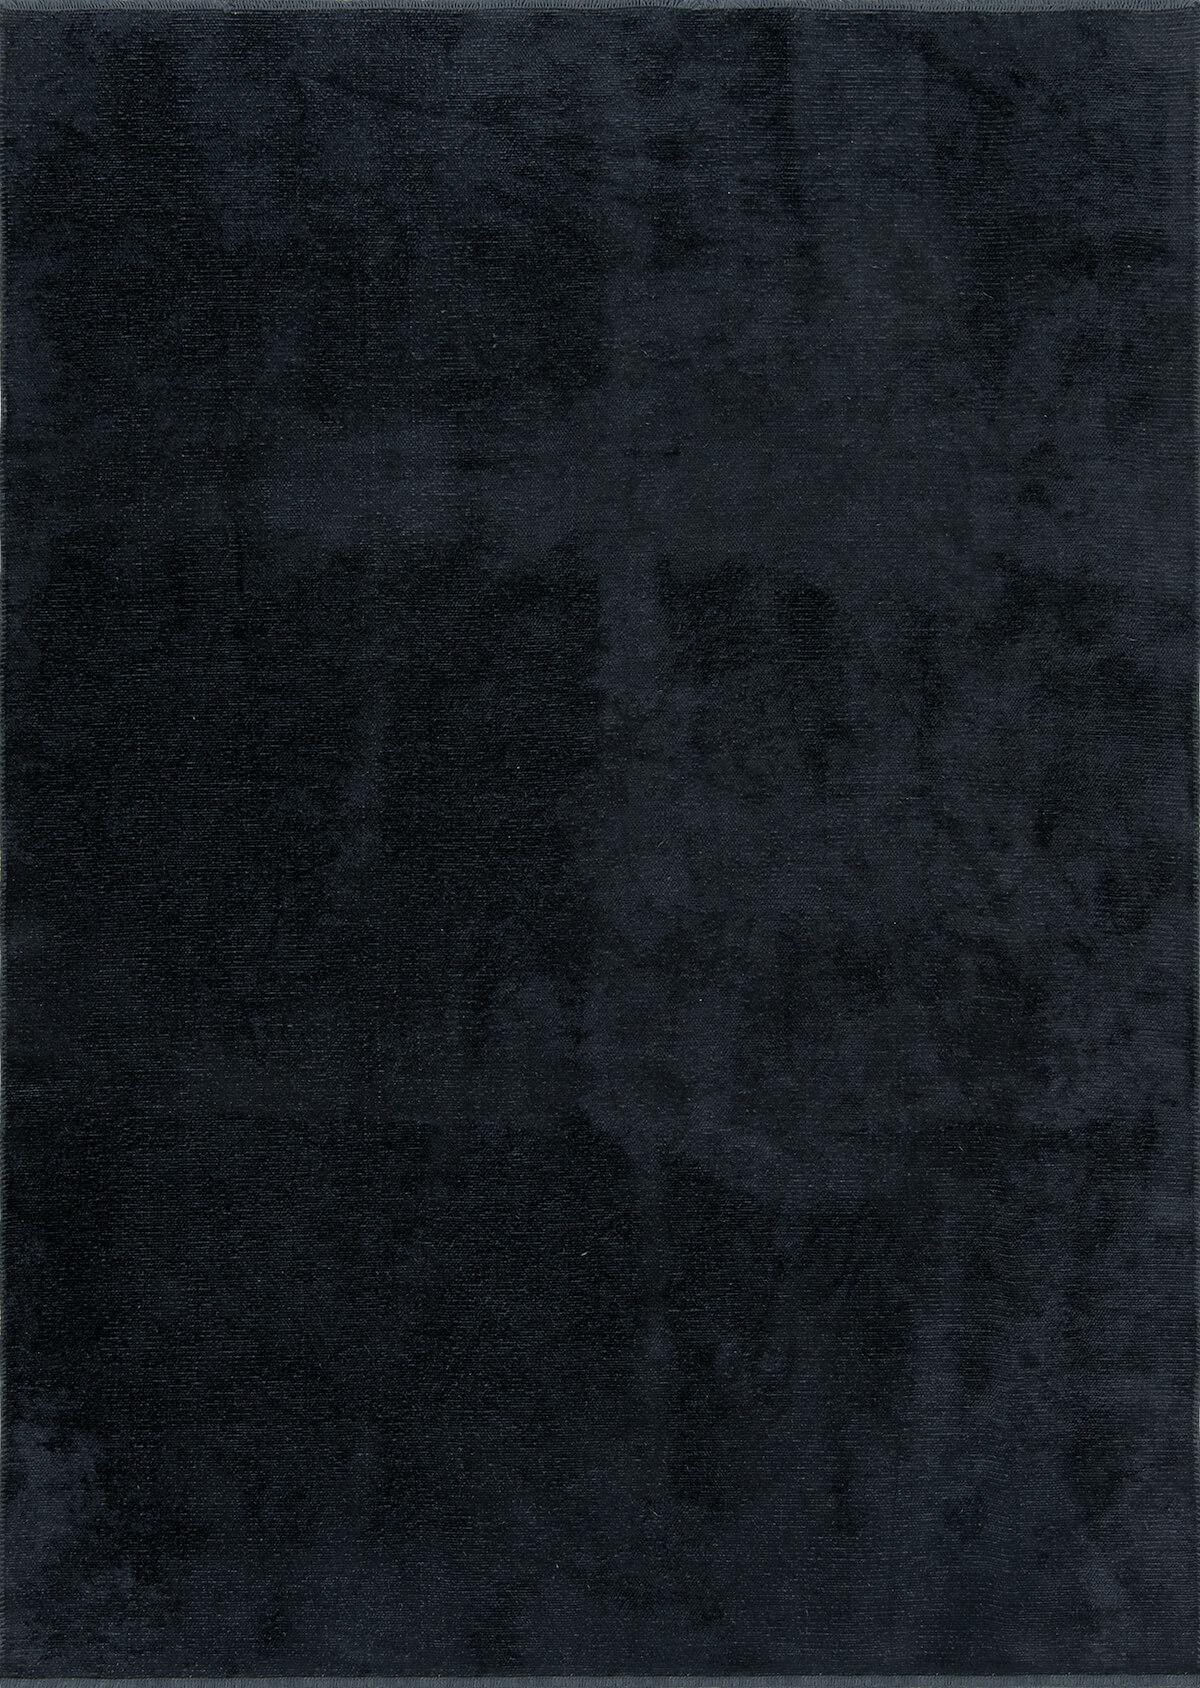 PALERMO KİLİM 5404 SİYAH Mutfak Kilim Dekoratif Kilim